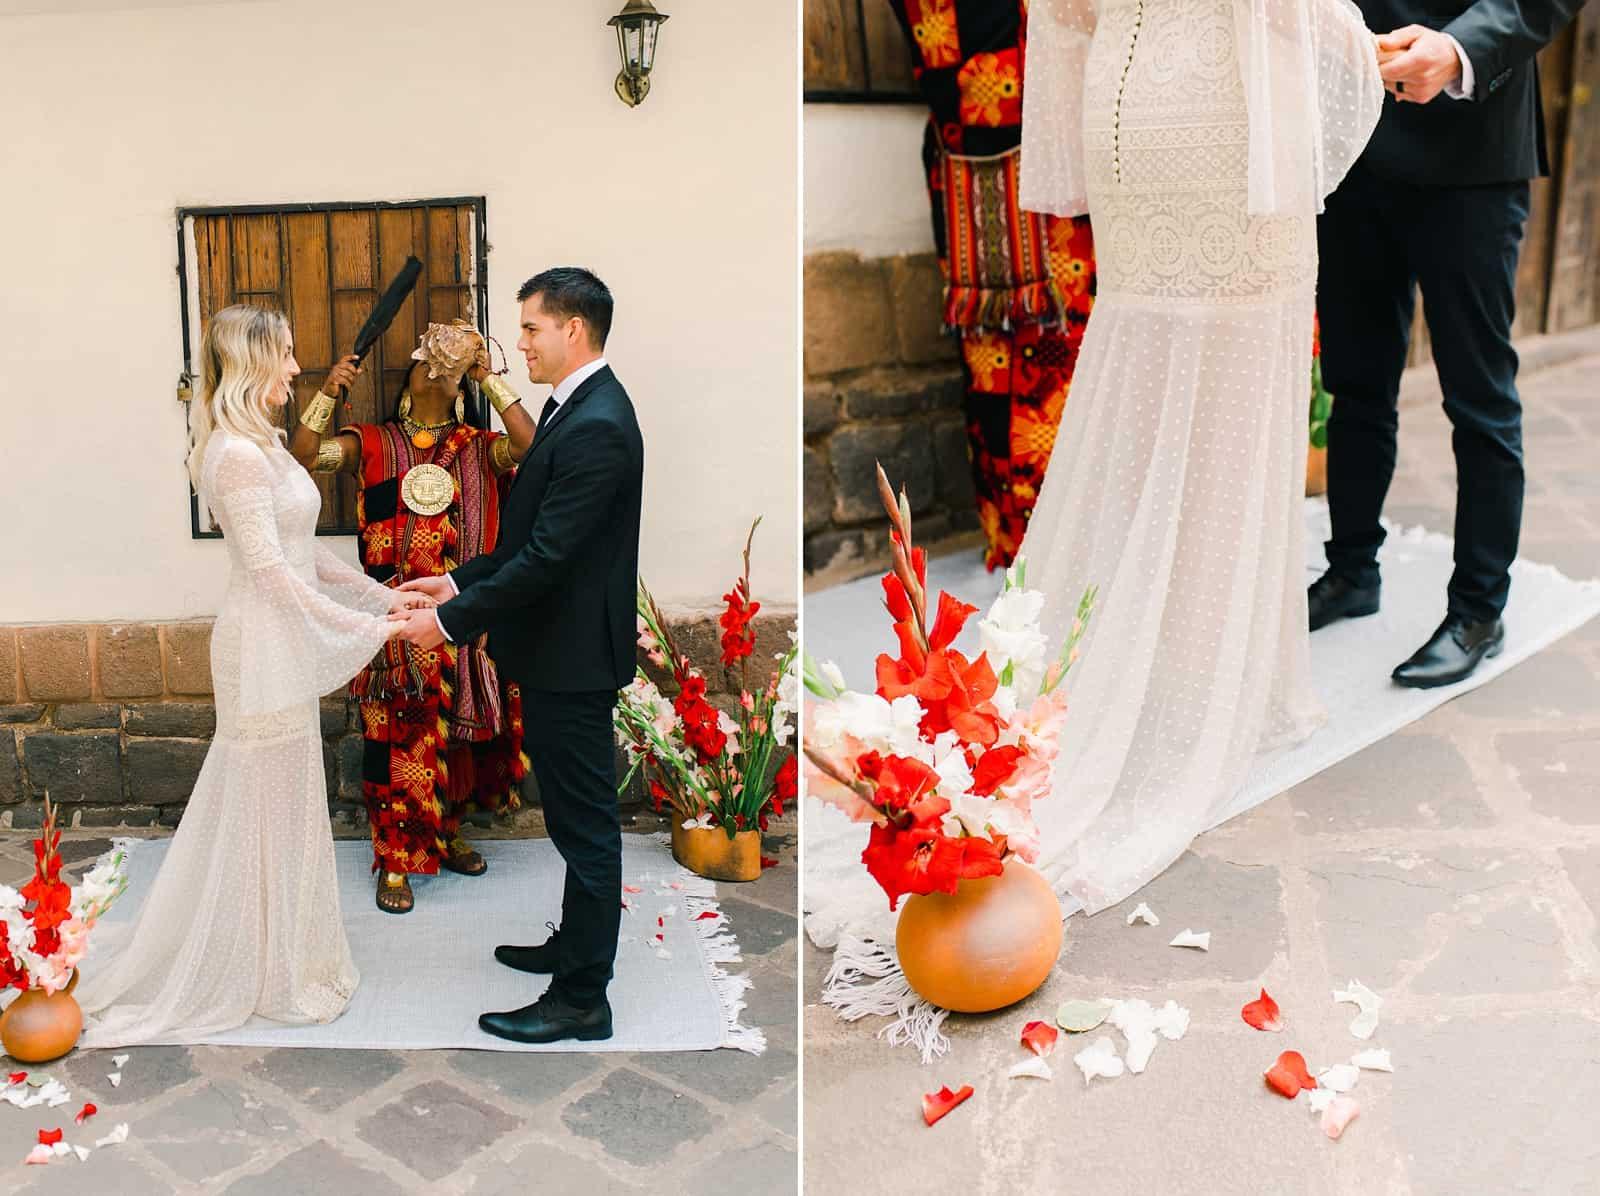 Cusco Peru Destination Wedding, travel wedding photography, Plaza de Armas ceremony with shaman, red flowers boho wedding